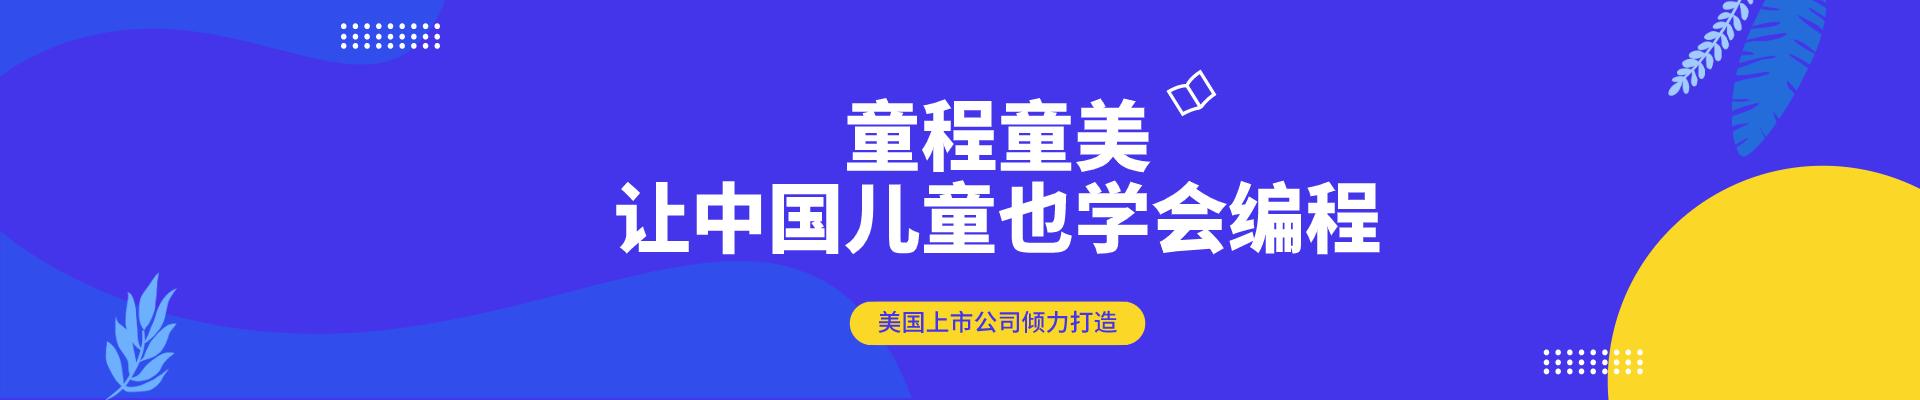 上海长宁中山公园童程童美少儿编程培训